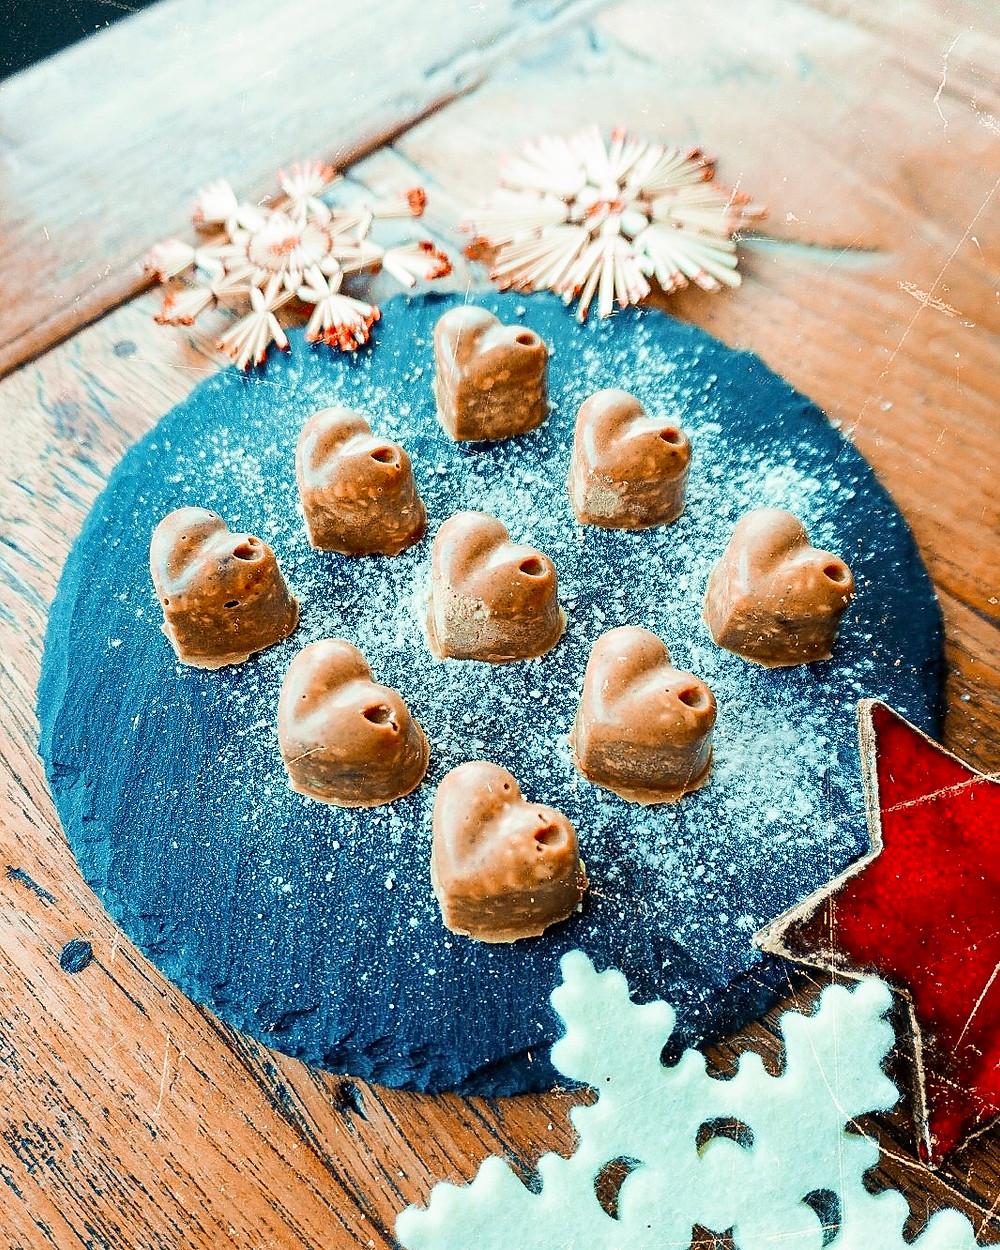 Fotos der Weihnachtskekse in Herzform.